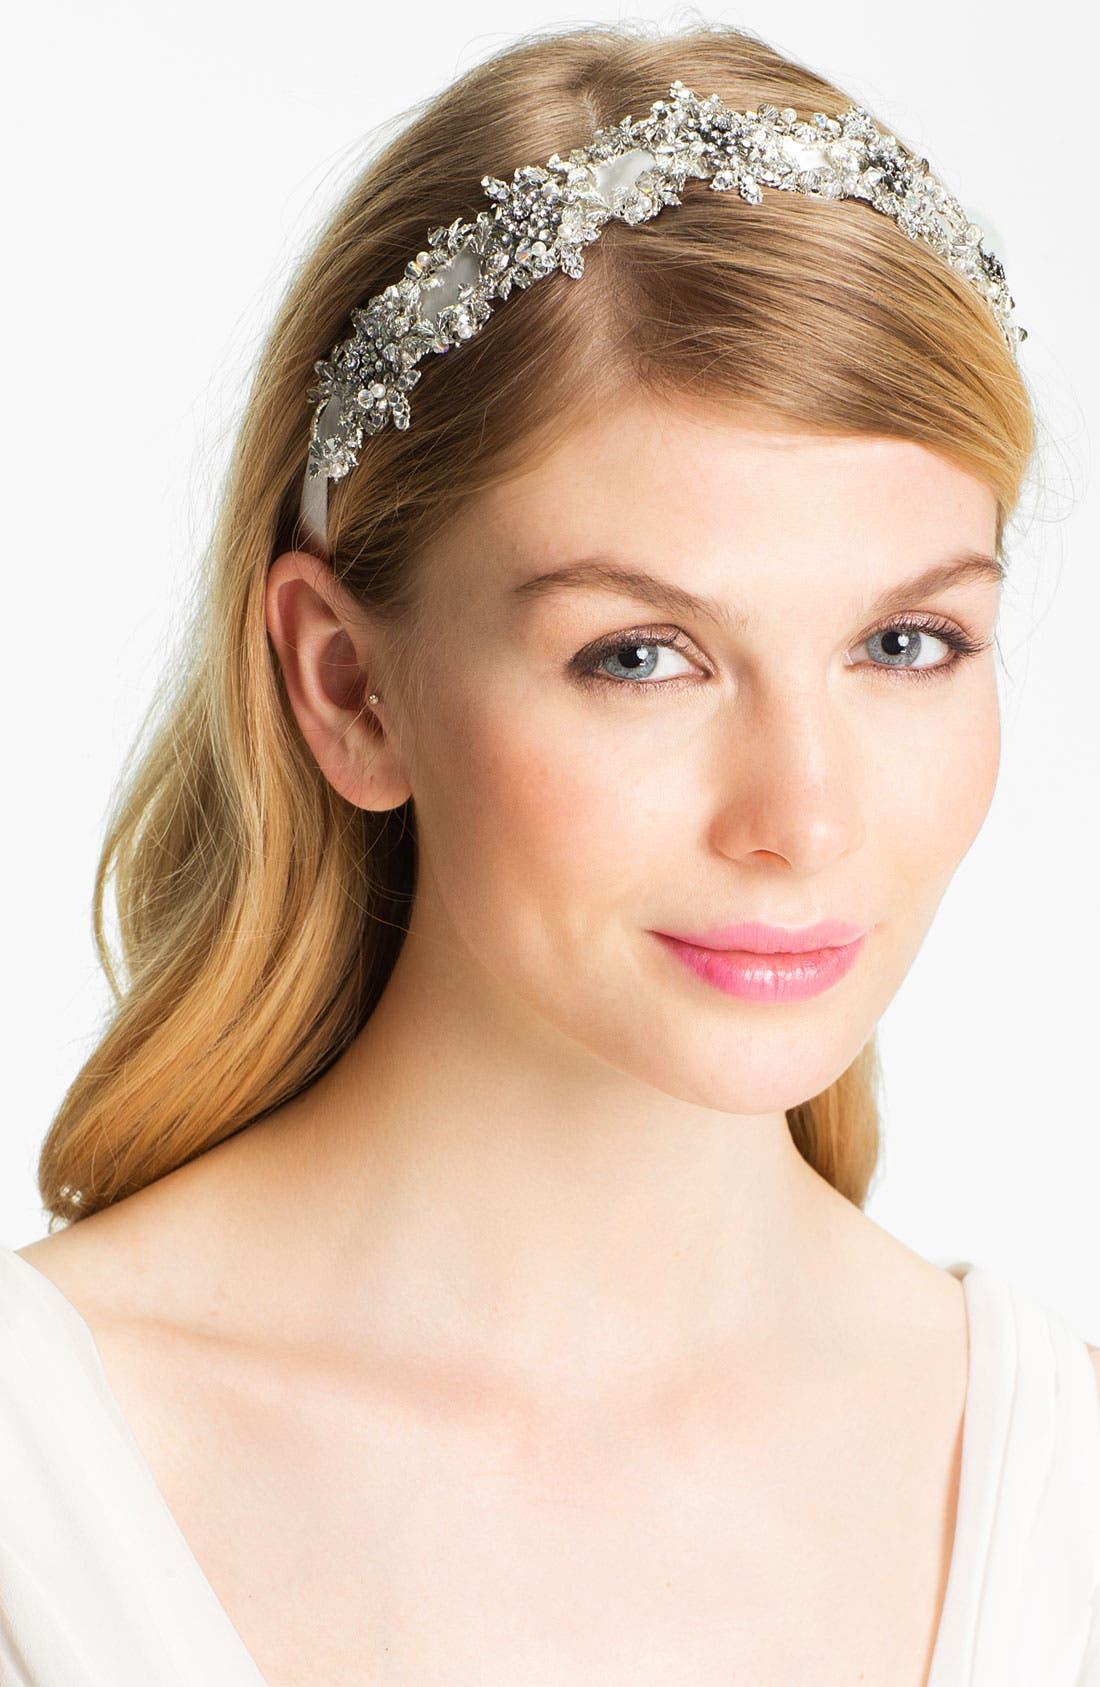 Alternate Image 1 Selected - Halo & Co 'My Fairy Lady' Crystal Ribbon Headband